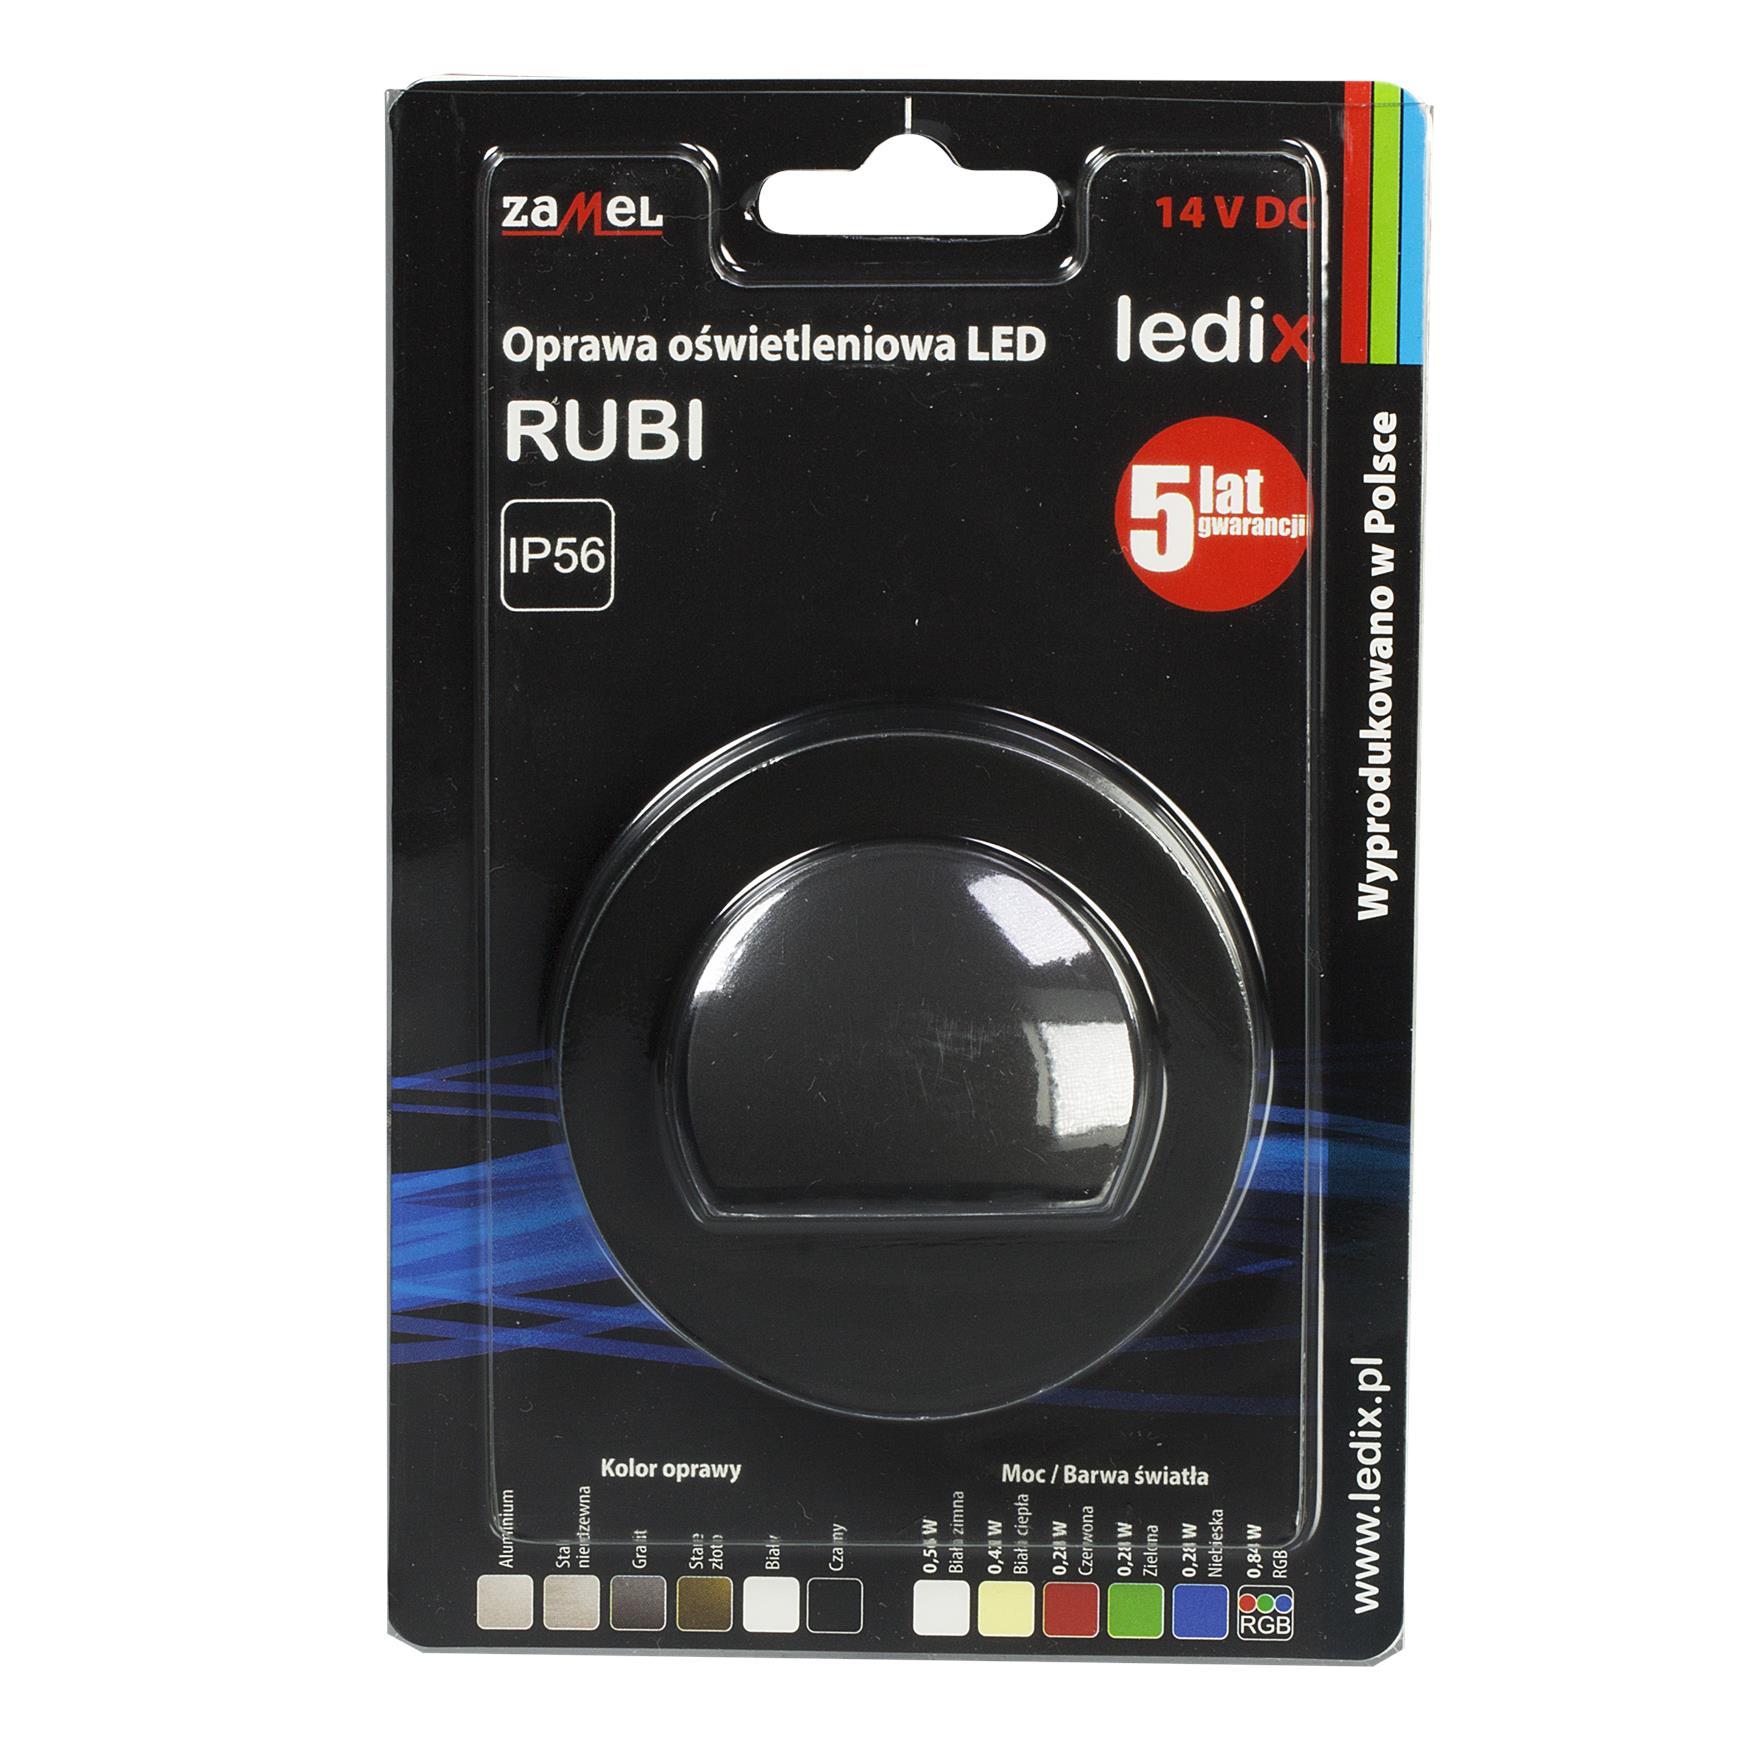 RUBI_P-T_14V_czarna_oprawa_schodowa_05